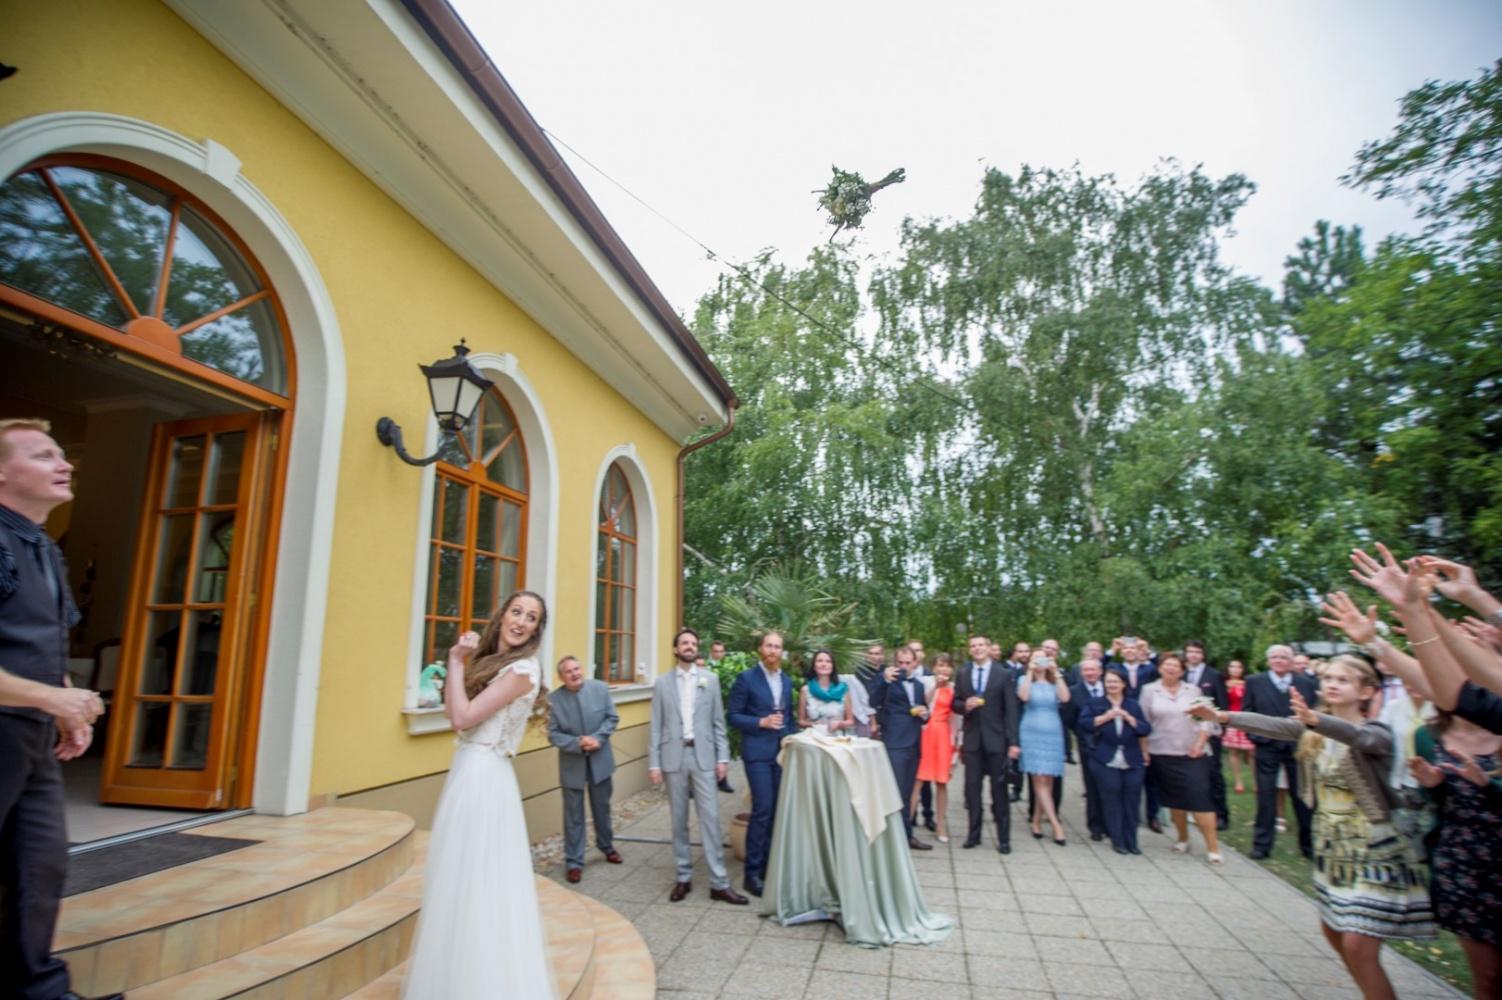 http://www.fotoz.sk/images/gallery-21/normal/eskuvoi-fotos_svadobny-fotograf_121.jpg